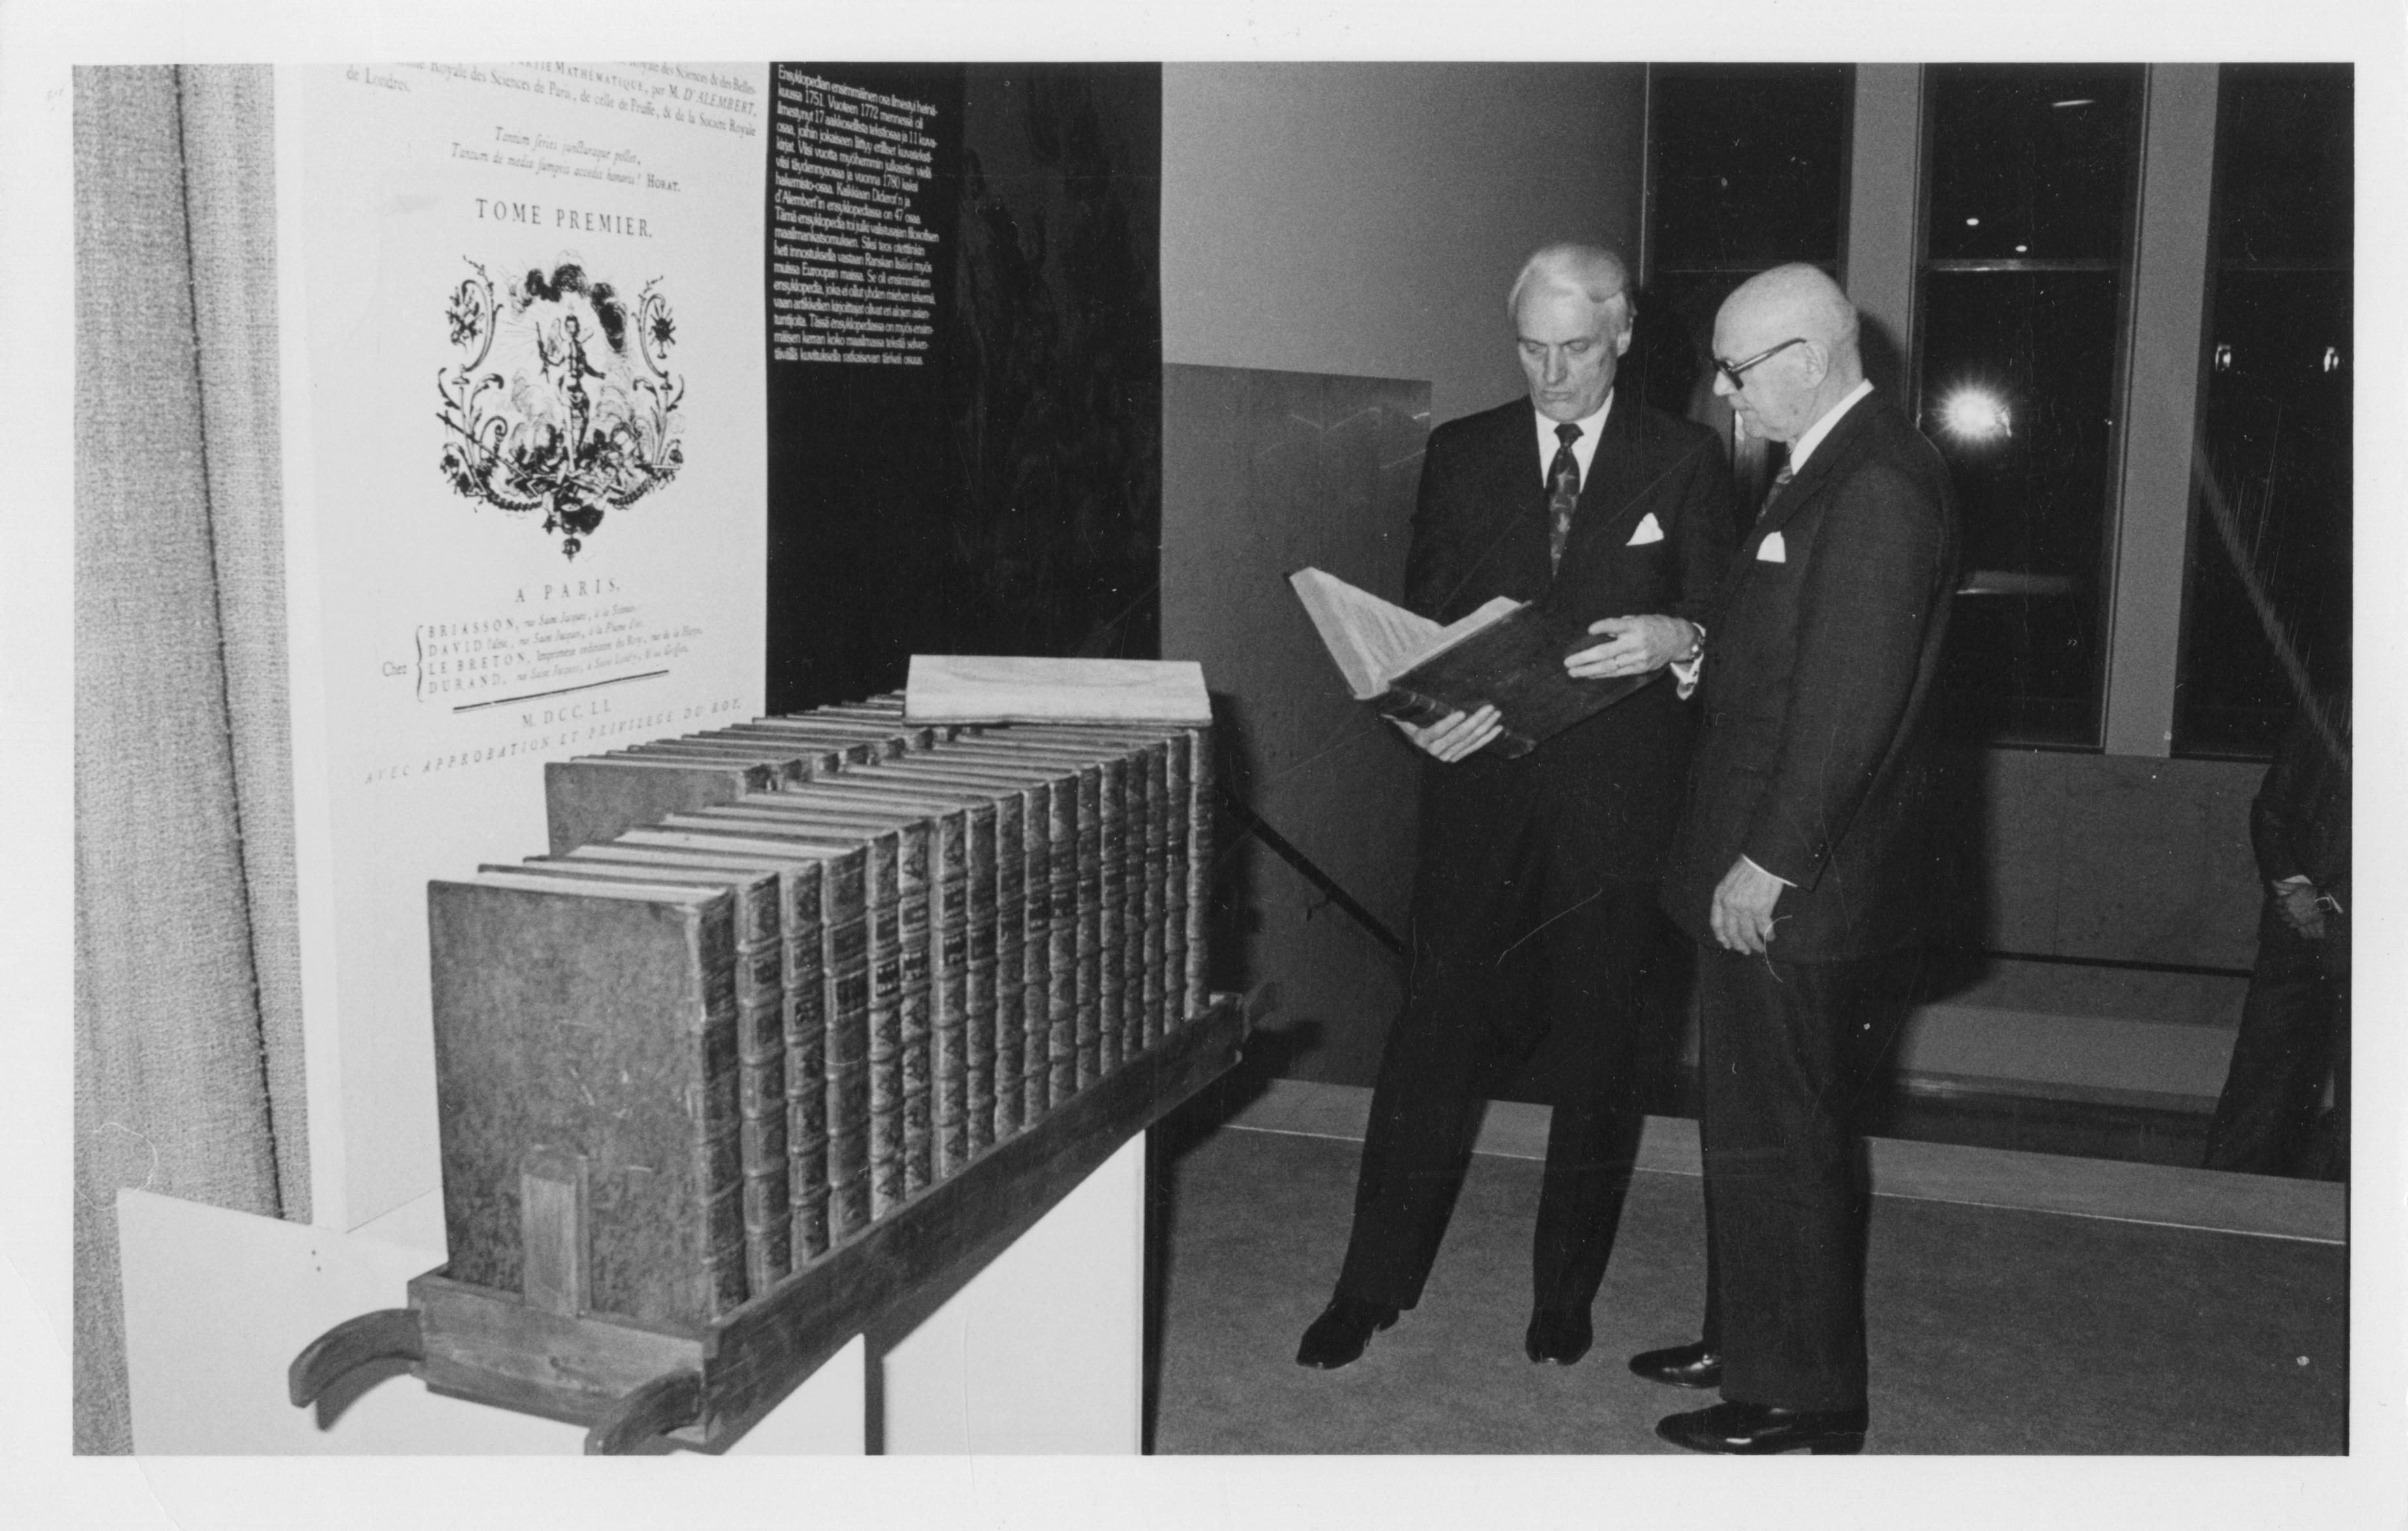 Otavan toimitusjohtaja Heikki A. Reenpää ja presidentti Urho Kekkonen vuonna 1976.